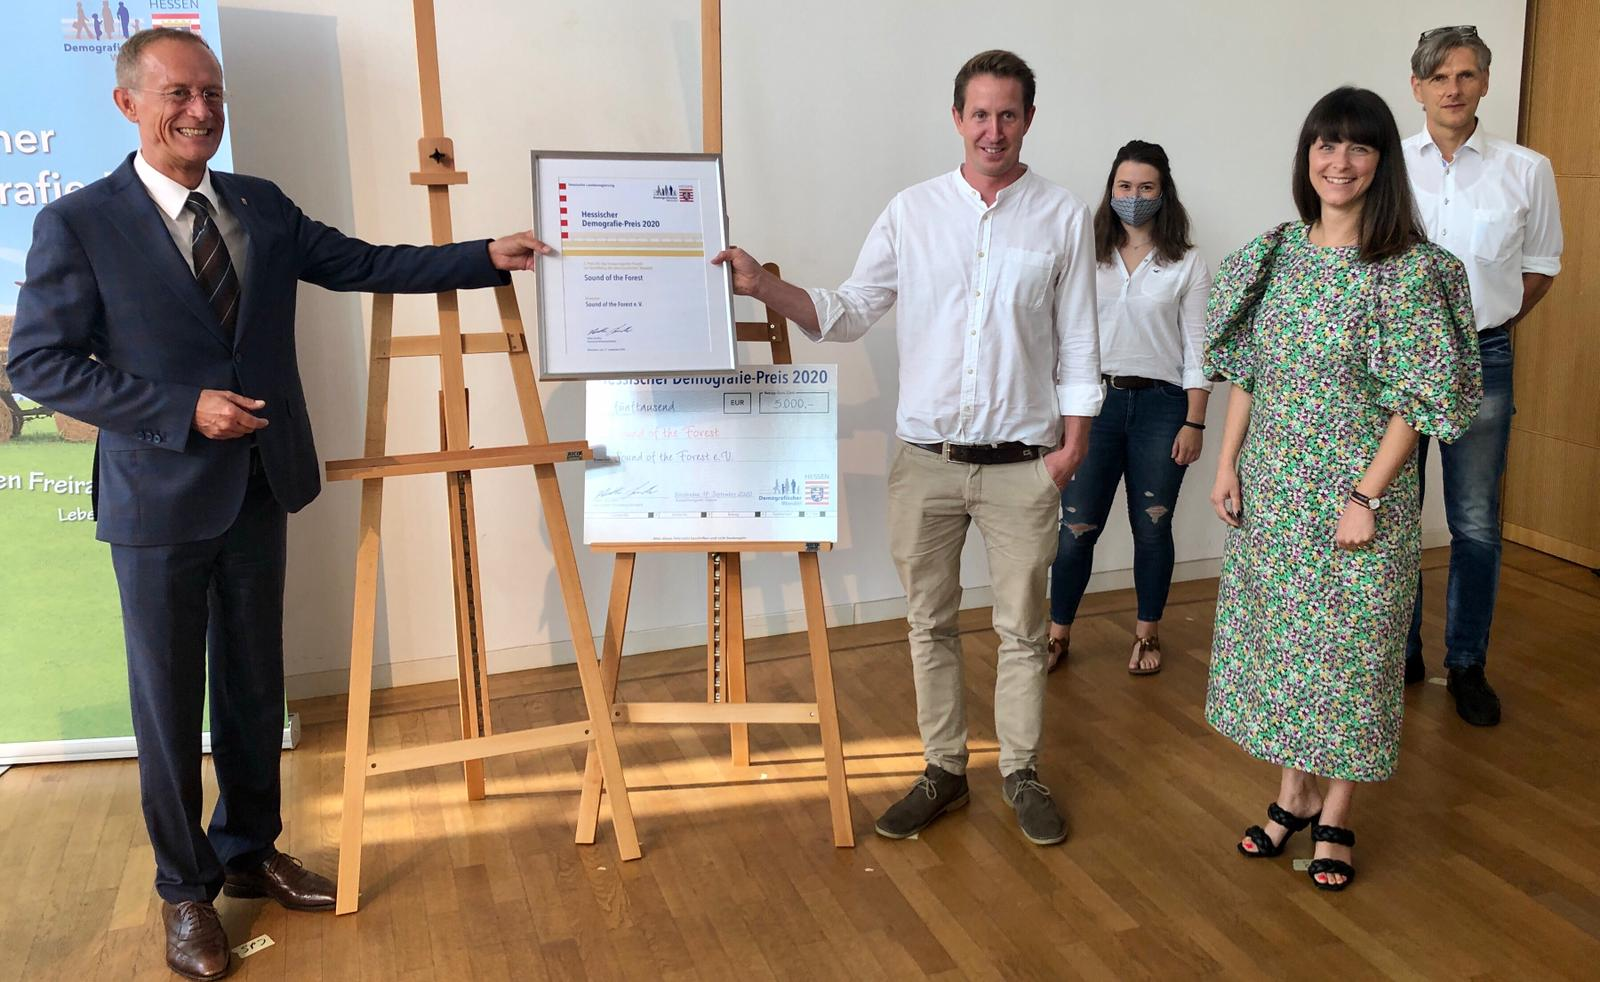 Sound of the Forest wird mit  Hessischem Demografie-Preis ausgezeichnet!